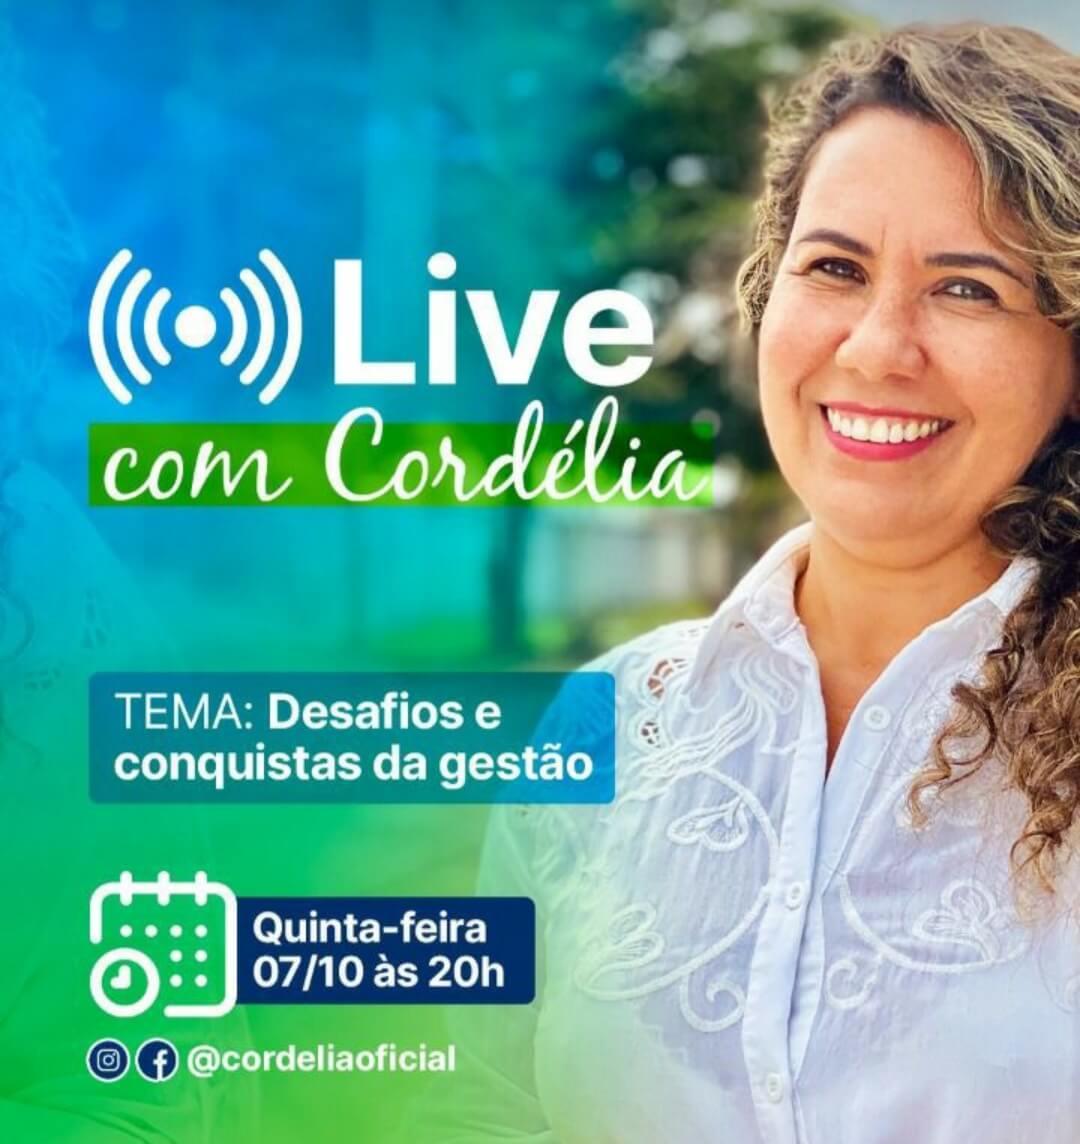 """""""Live com Cordélia"""" aborda desafios e conquistas da gestão nesta quinta-feira 23"""